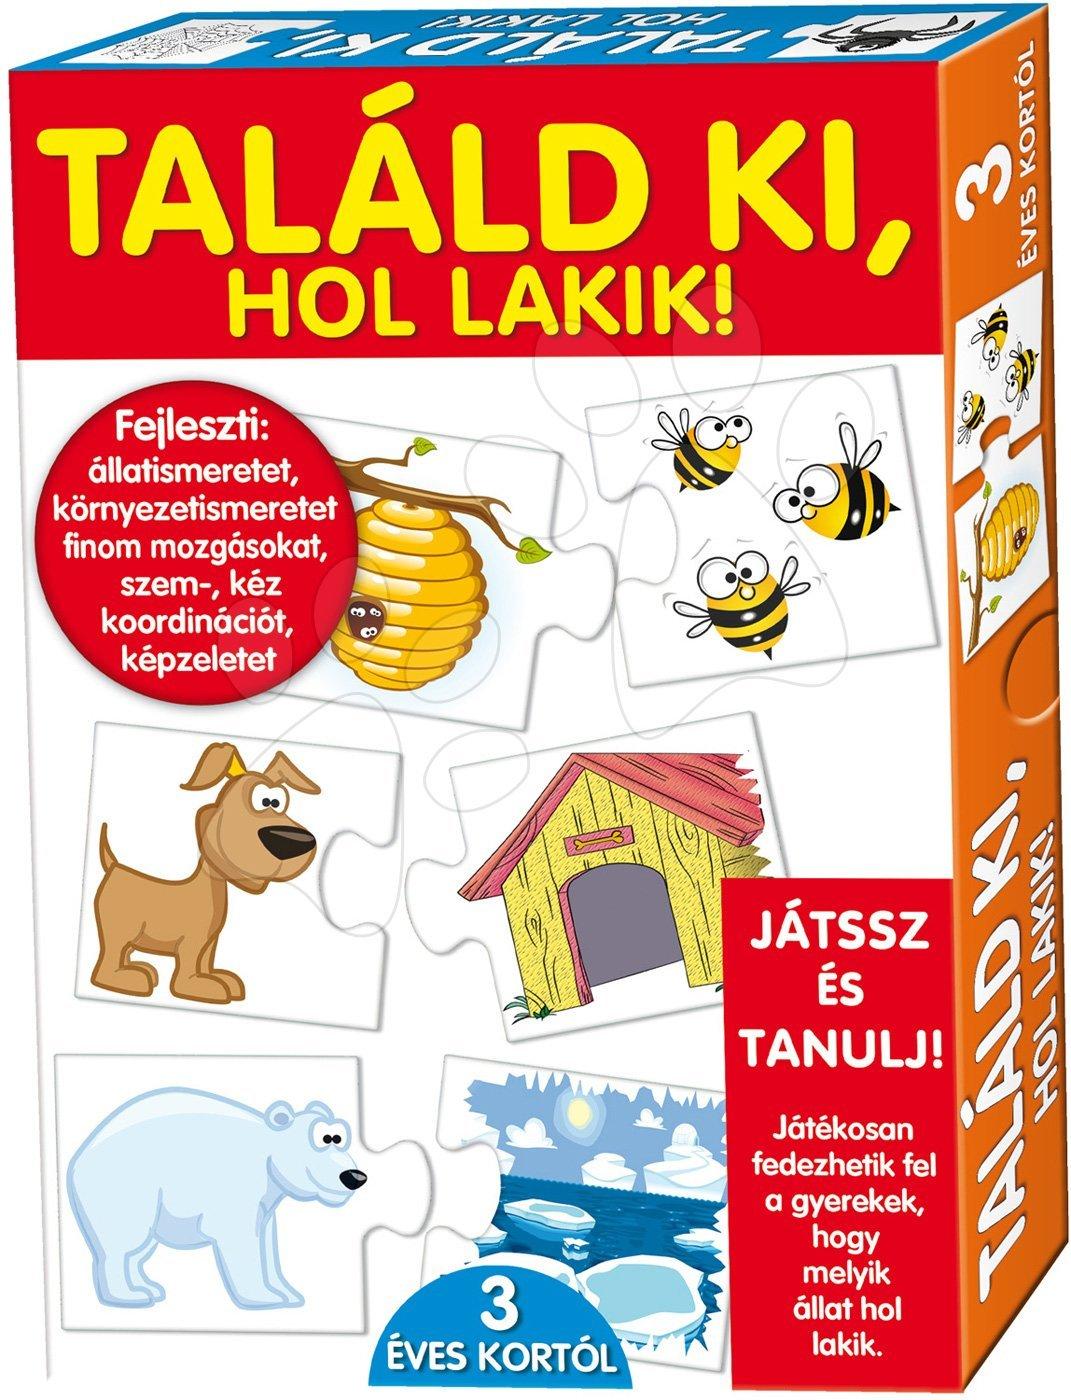 Spoločenské hry pre deti - Náučná hra so zvieratkami Hádaj, kde bývam? Dohány